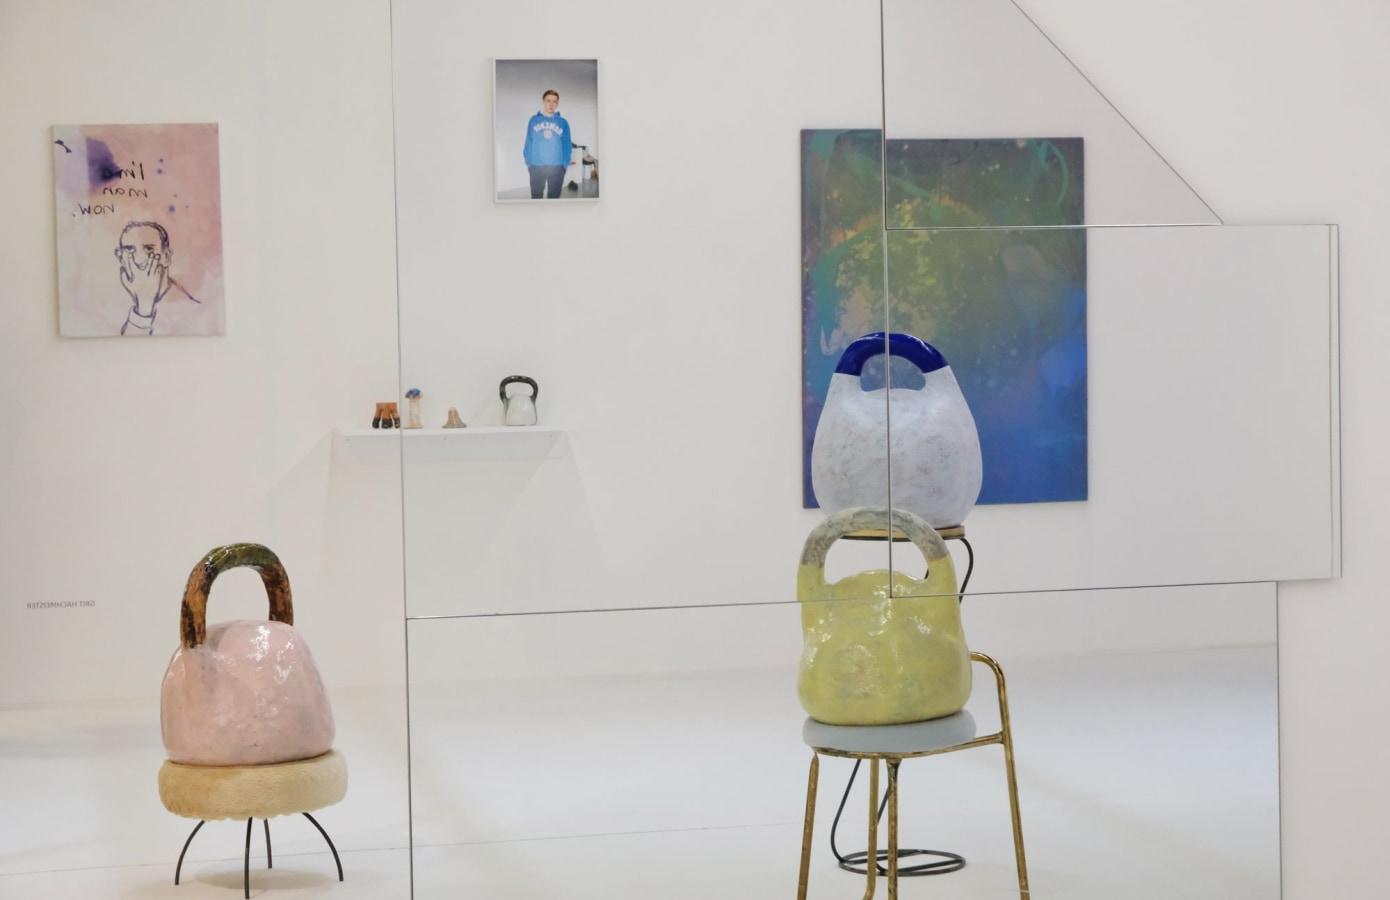 Art Rotterdam 2019, FAMED, Grit Hachmeister, Matthias Reinmuth,